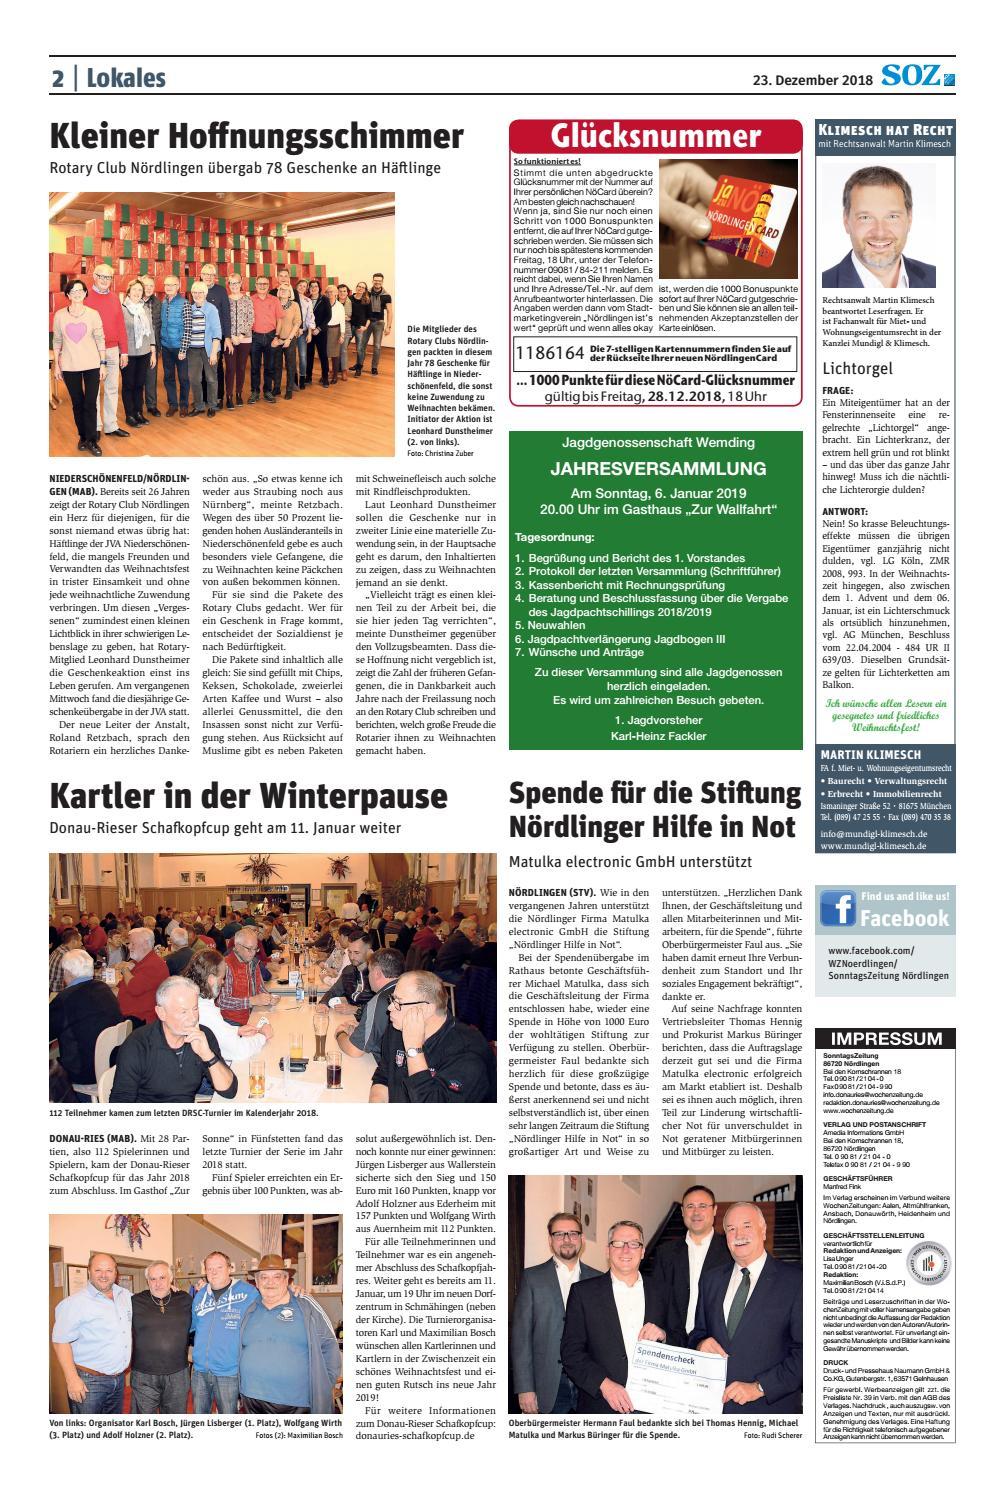 Media Markt Club Kartennummer Finden.Sonntagszeitung Nördlingen Kw 51 18 By Wochenzeitung